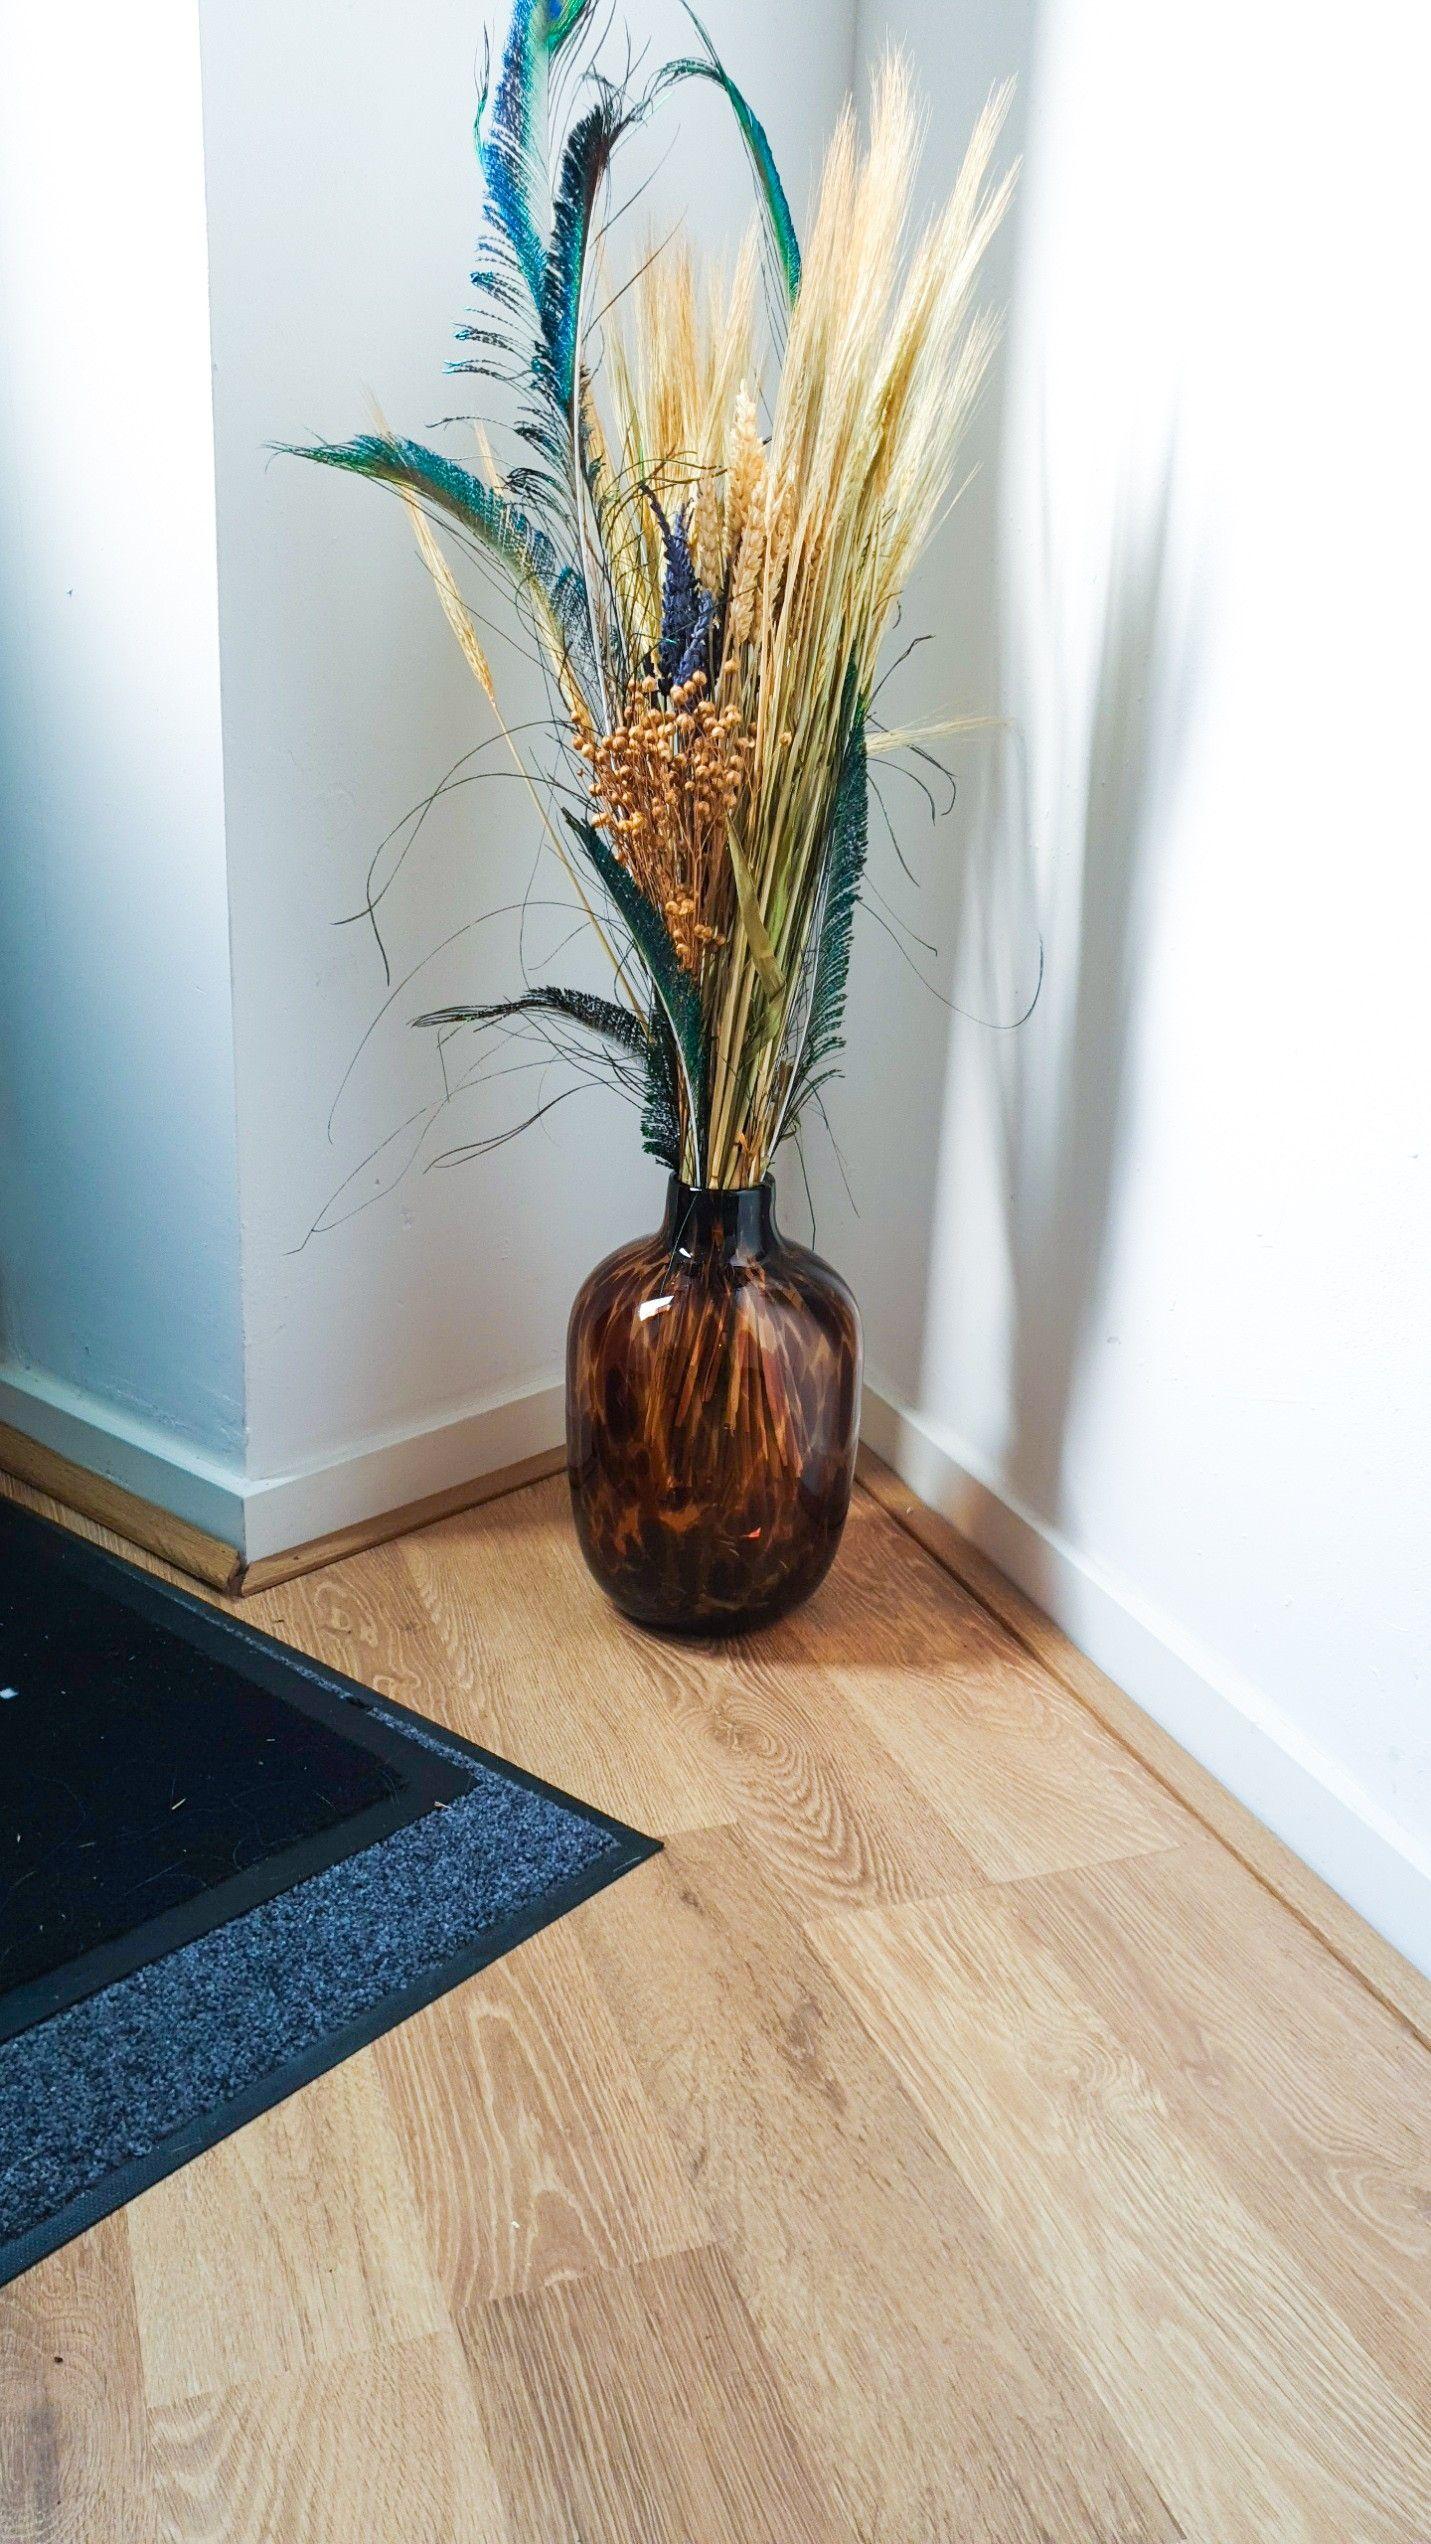 Bouquet Droogbloemen Pauwenveren Home Decoratie Decoratie Pauwenveer